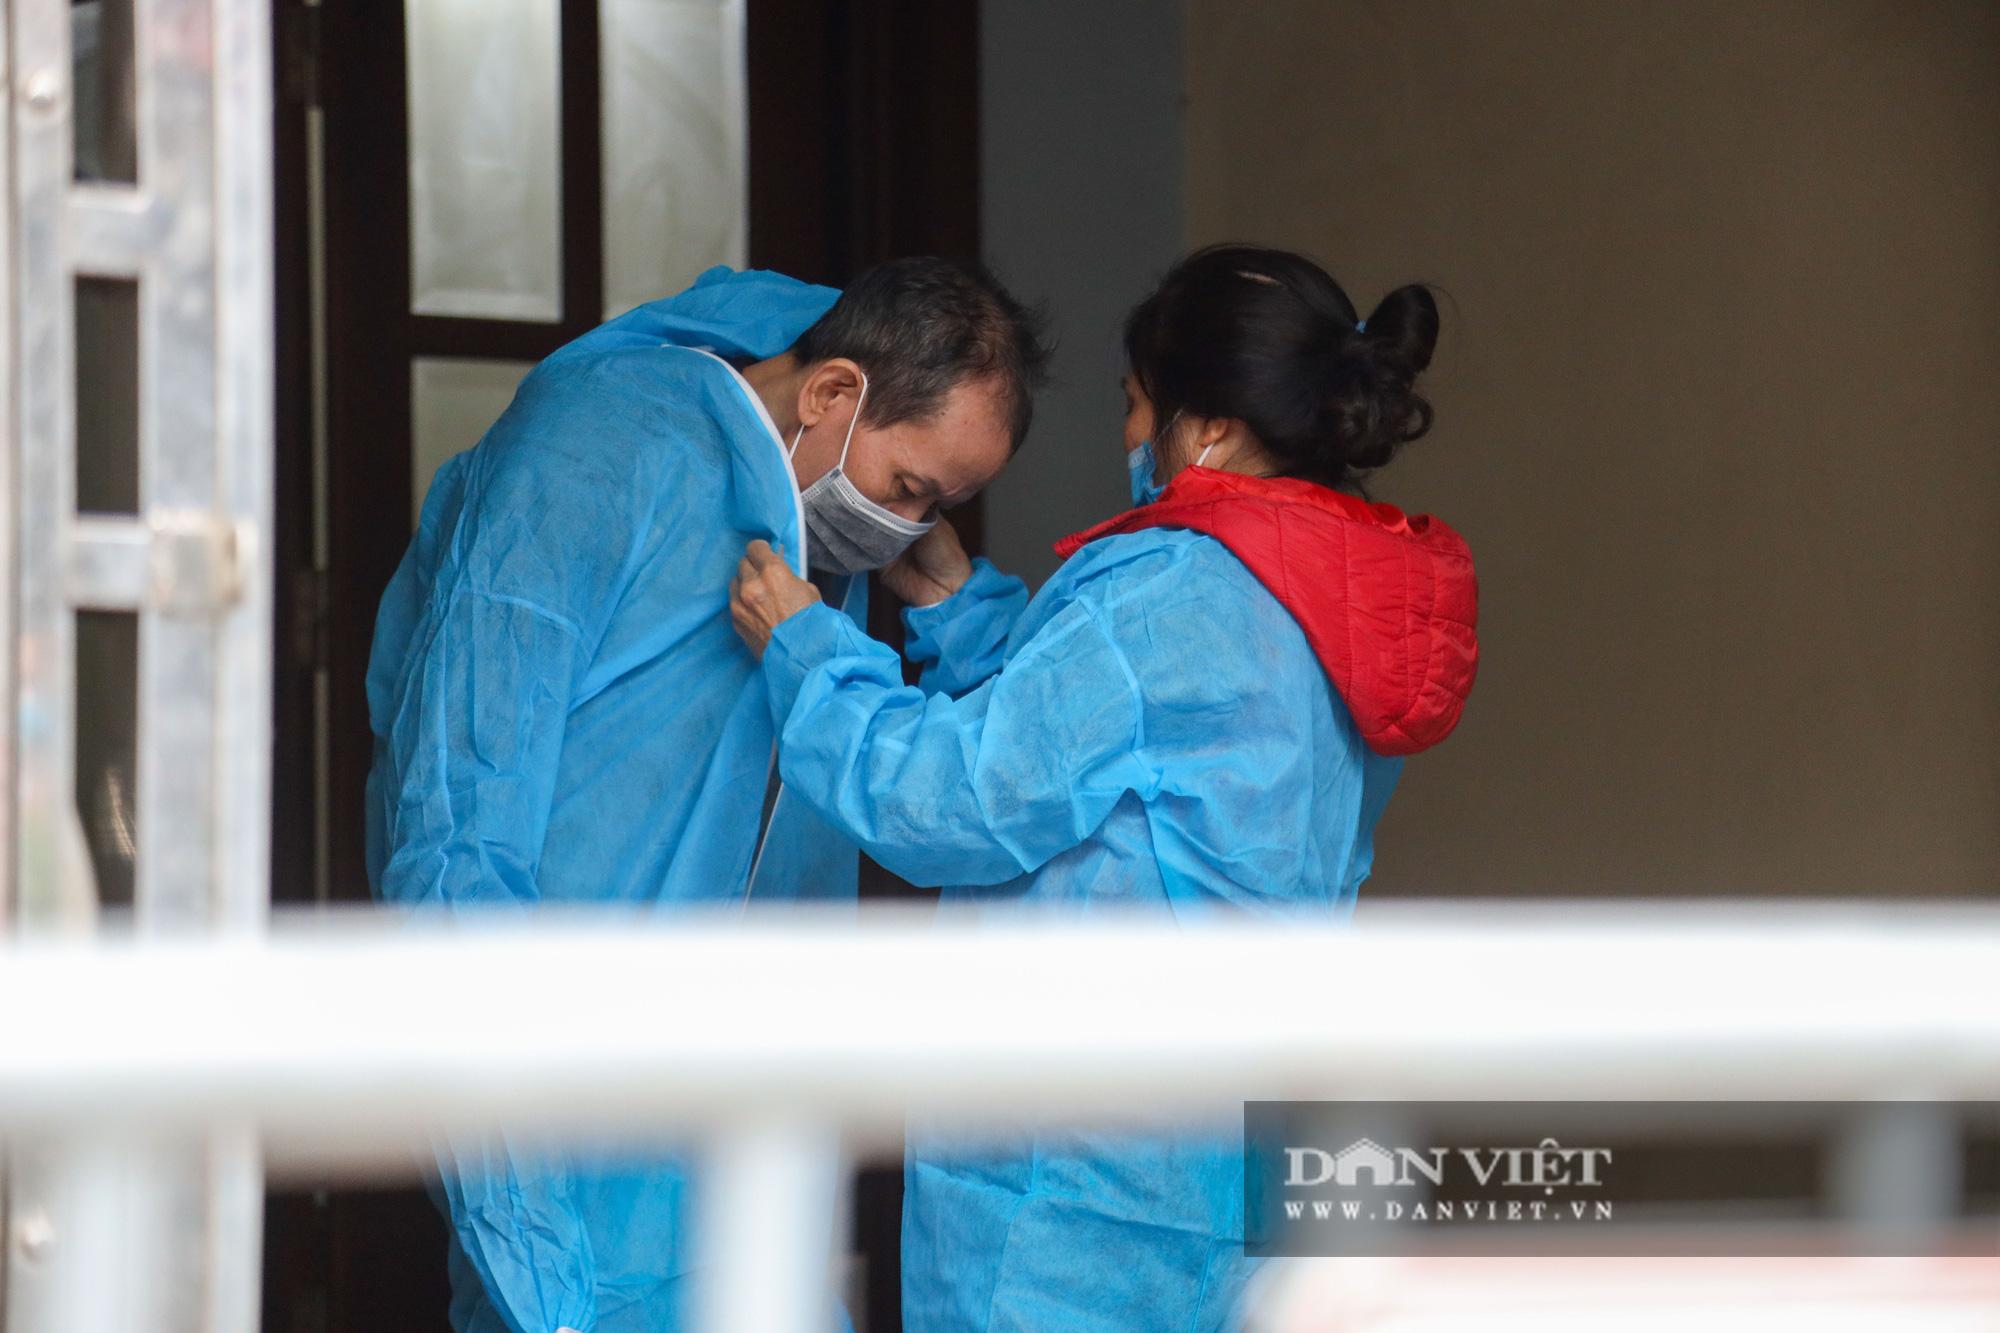 Đưa bố mẹ vợ của ca nhiễm Covid-19 thứ 3 ở Hà Nội đi cách ly - Ảnh 6.